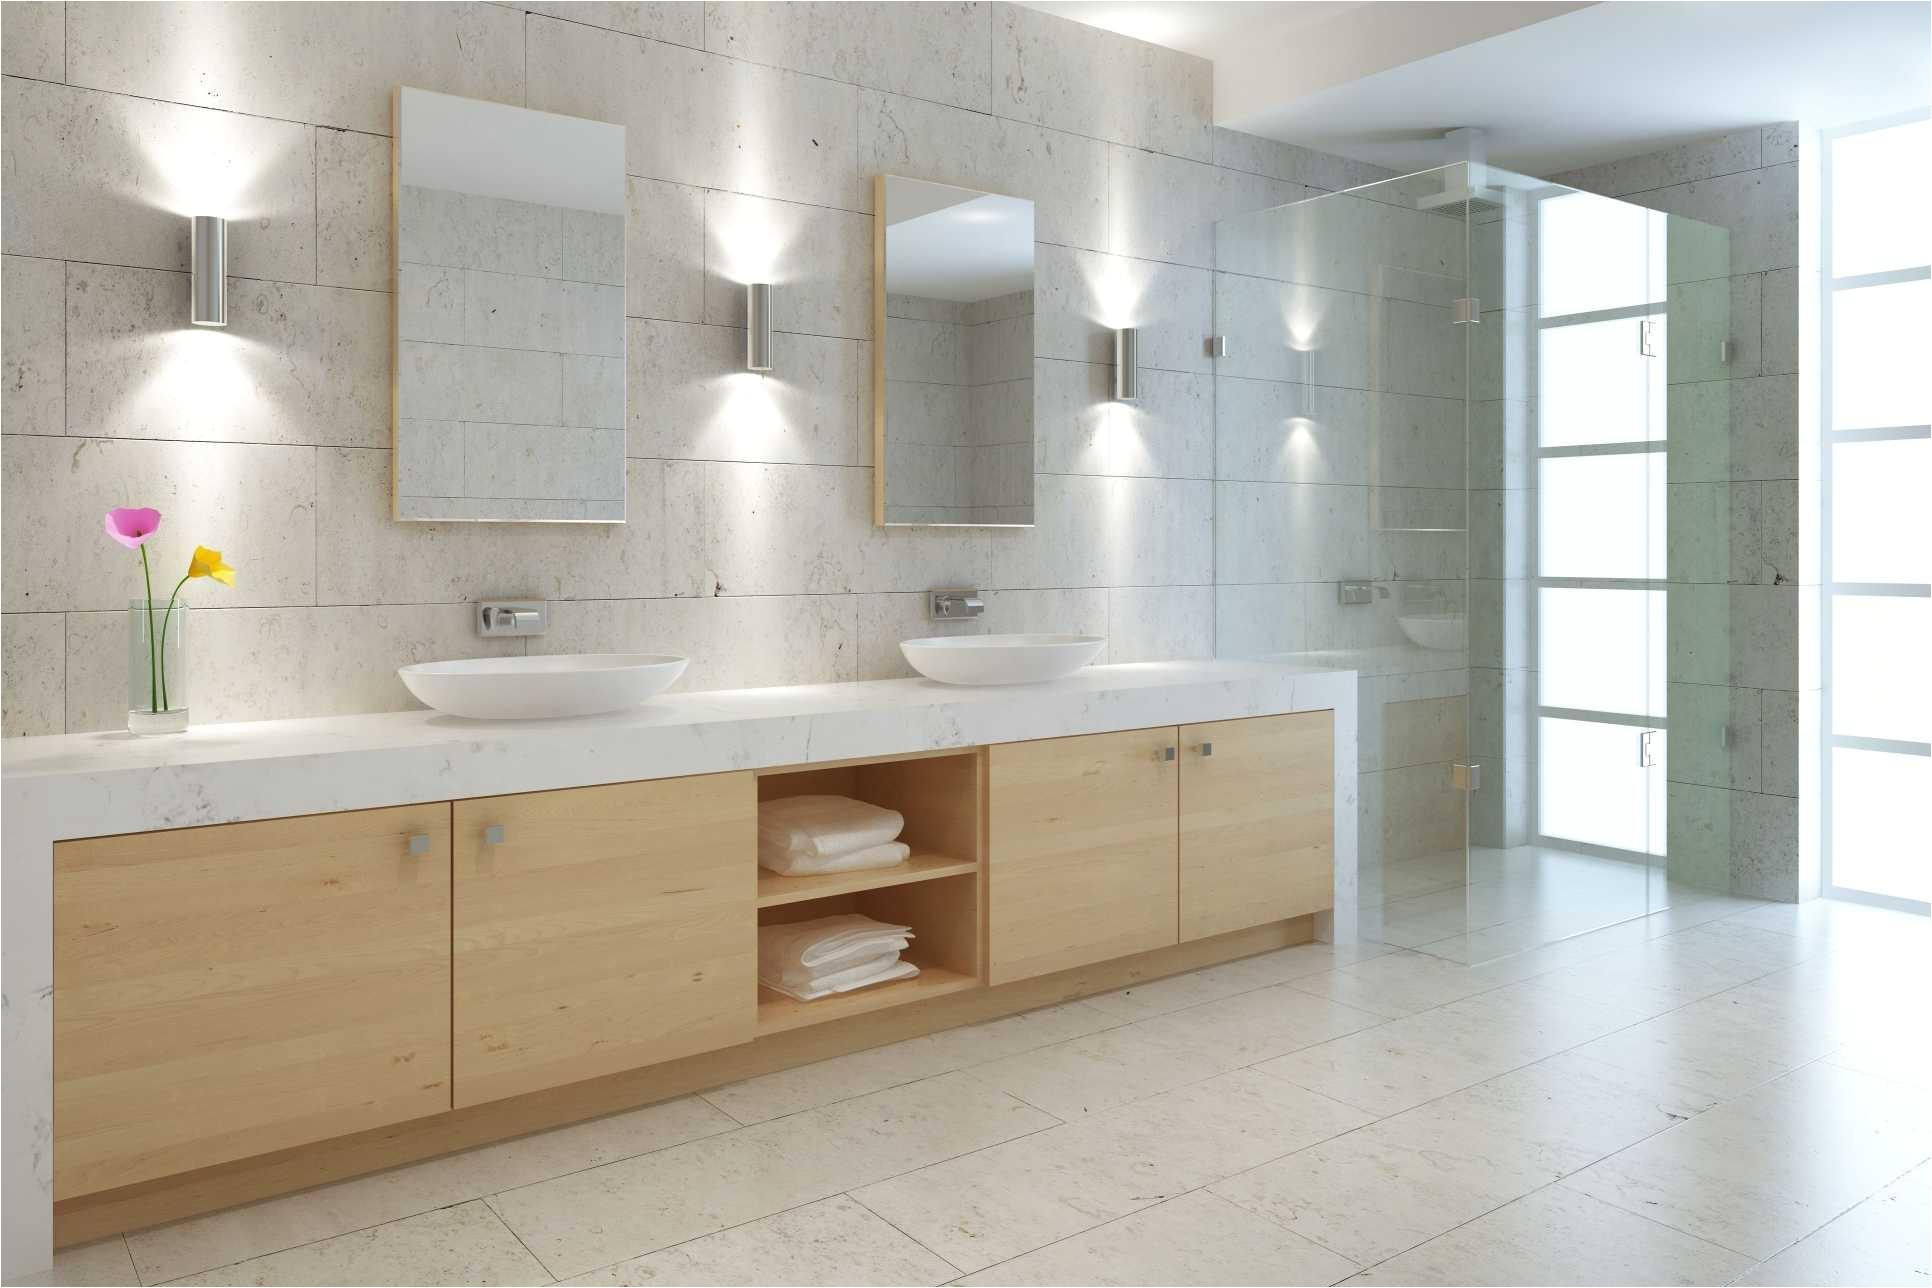 modern bathroom 184096562 585962315f9b586e022f6ec2